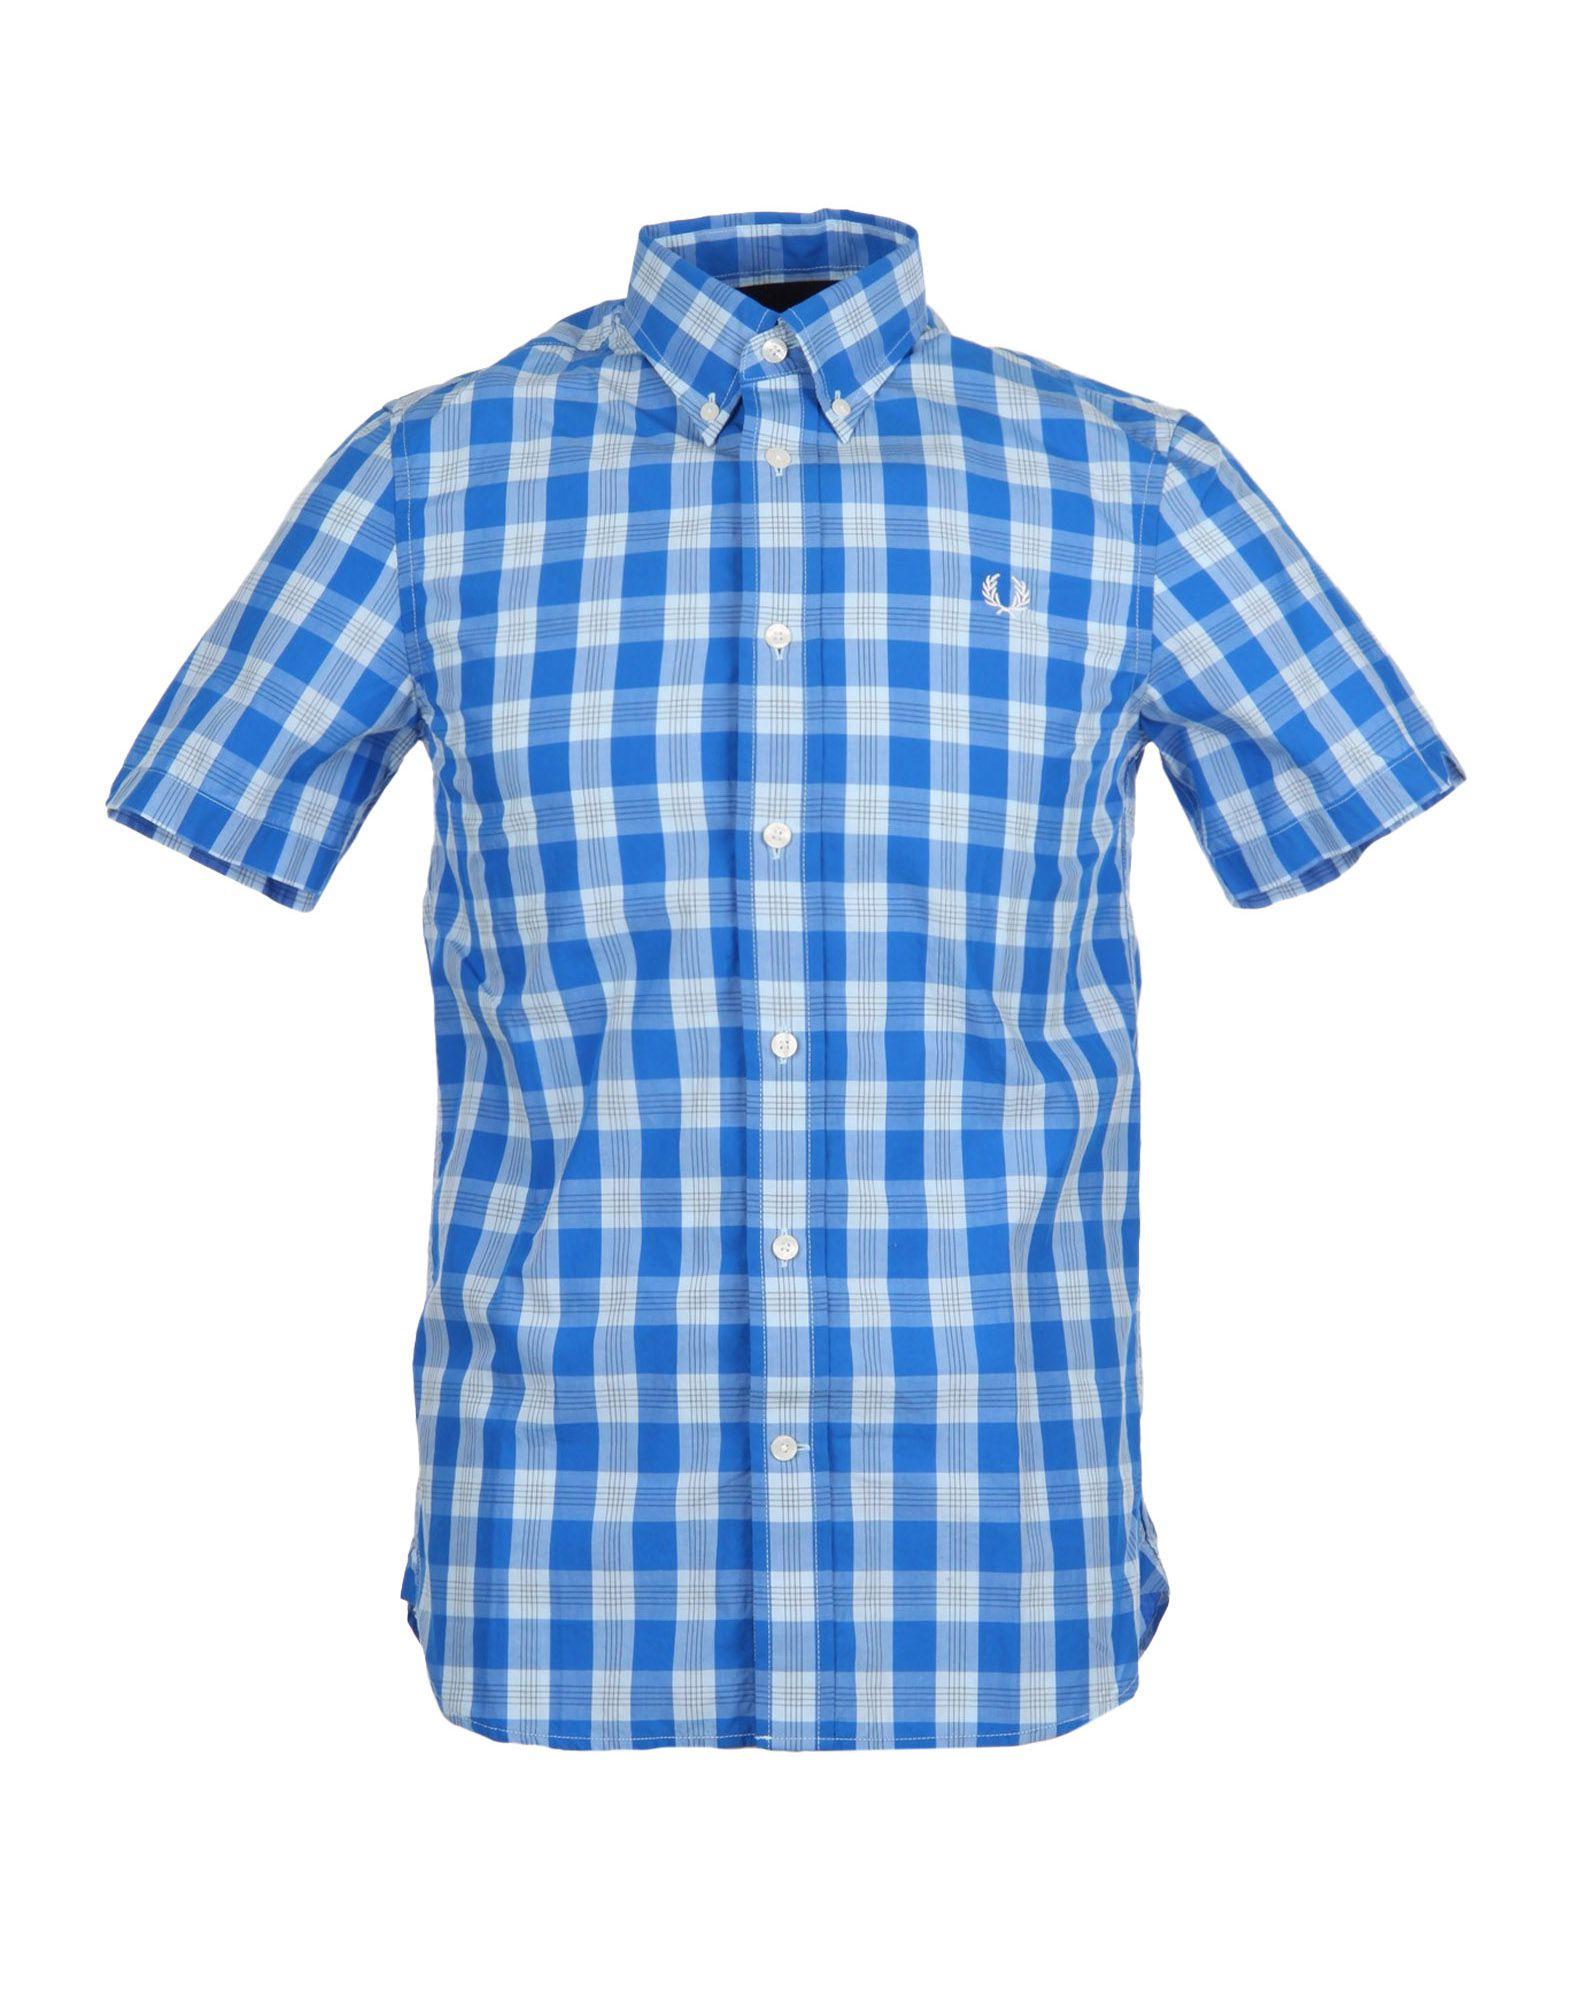 《送料無料》FRED PERRY メンズ シャツ ブルー XS コットン